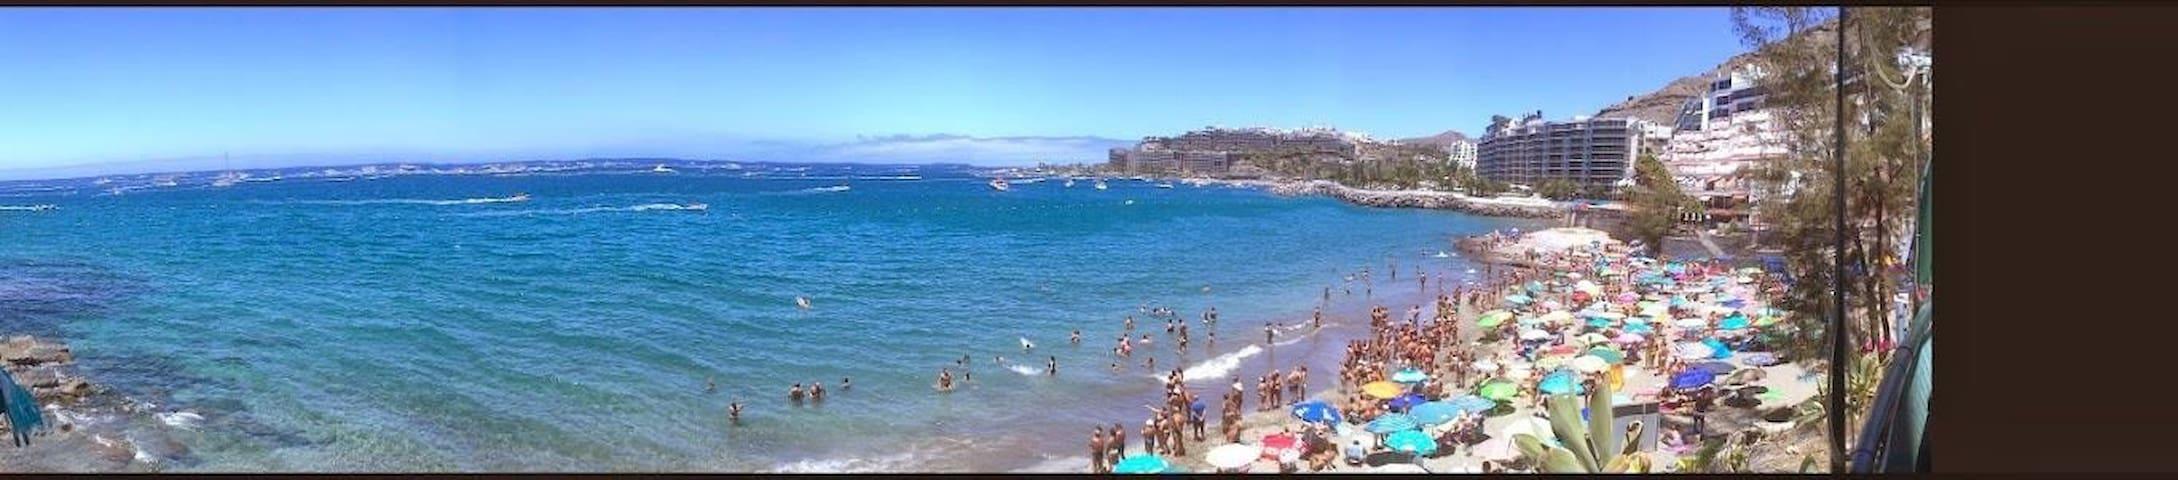 Rett på stranden i Patalavaca ! - Arguineguin  - Apartment